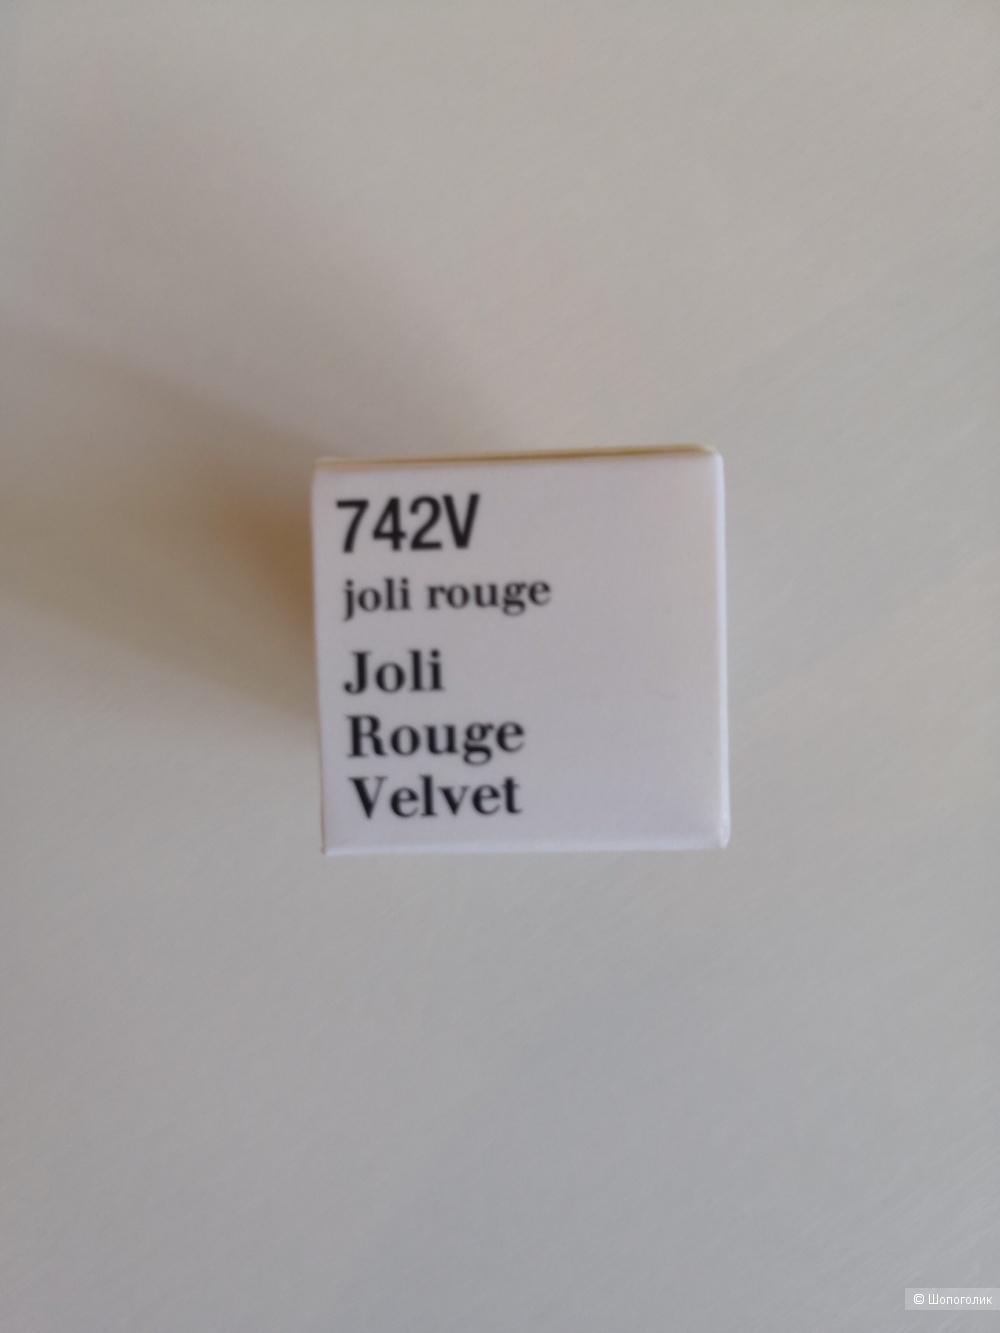 Губная помада Clarins Joli Rouge Velvet 742V 1,5 гр.